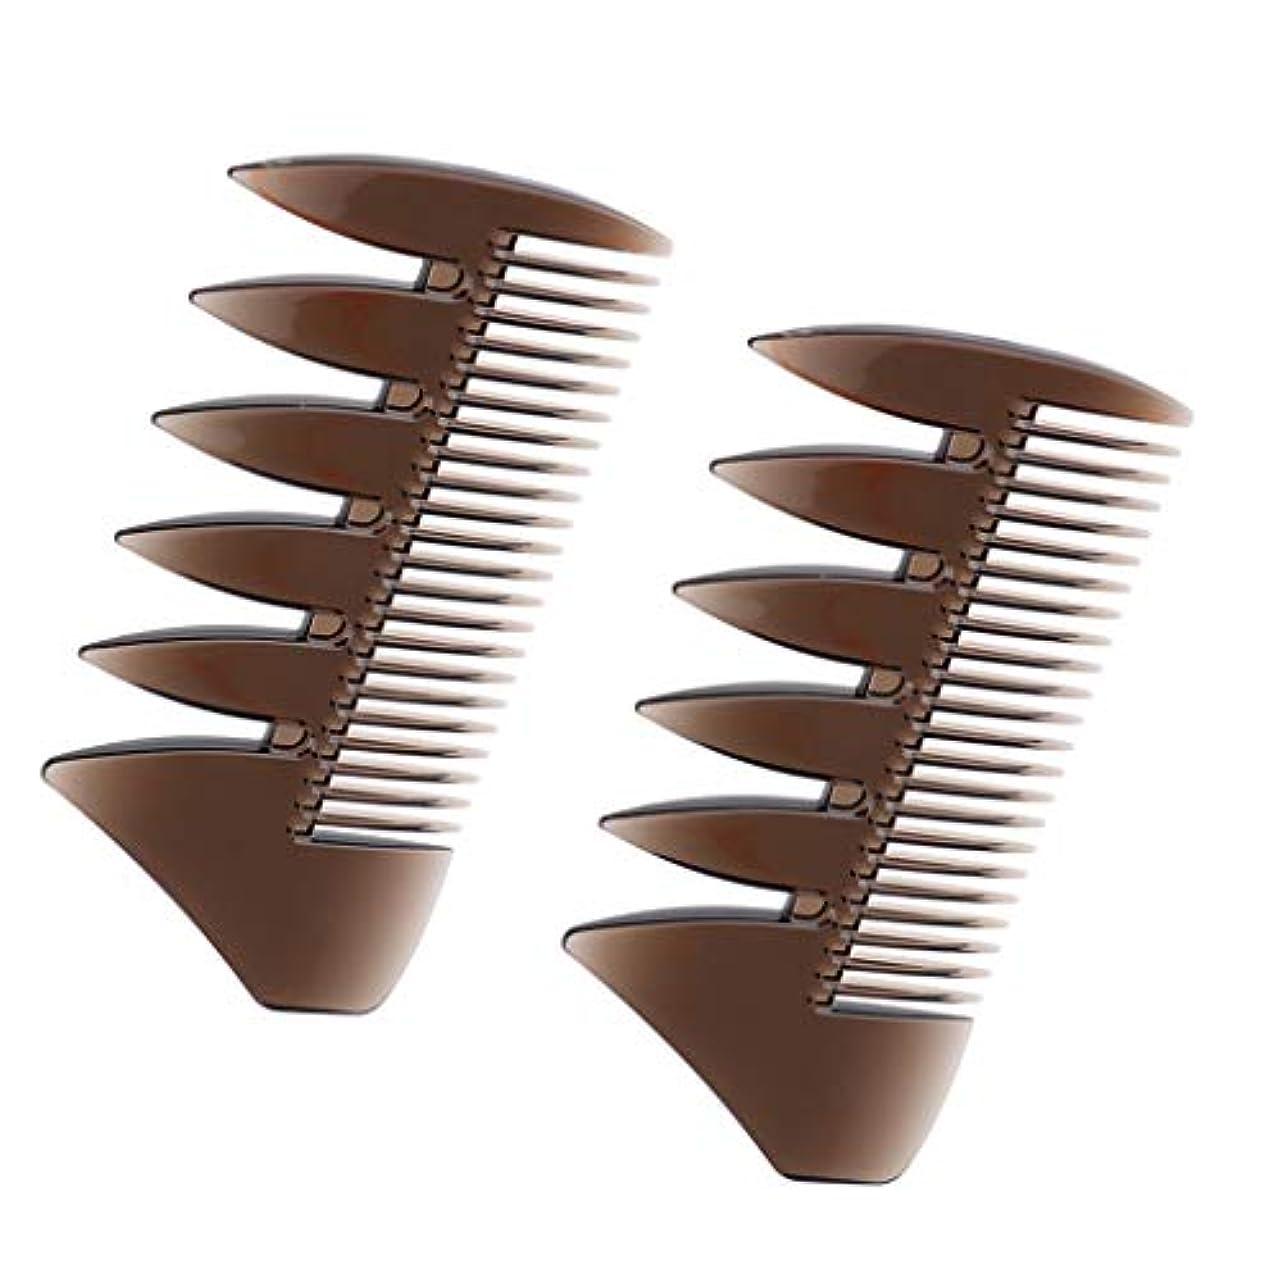 スワップ放置リンケージヘアコンビ デュアルサイド メンズ 髪櫛 ヘアサロン ヘアスタイリング 散髪店/美容院専用櫛2個入